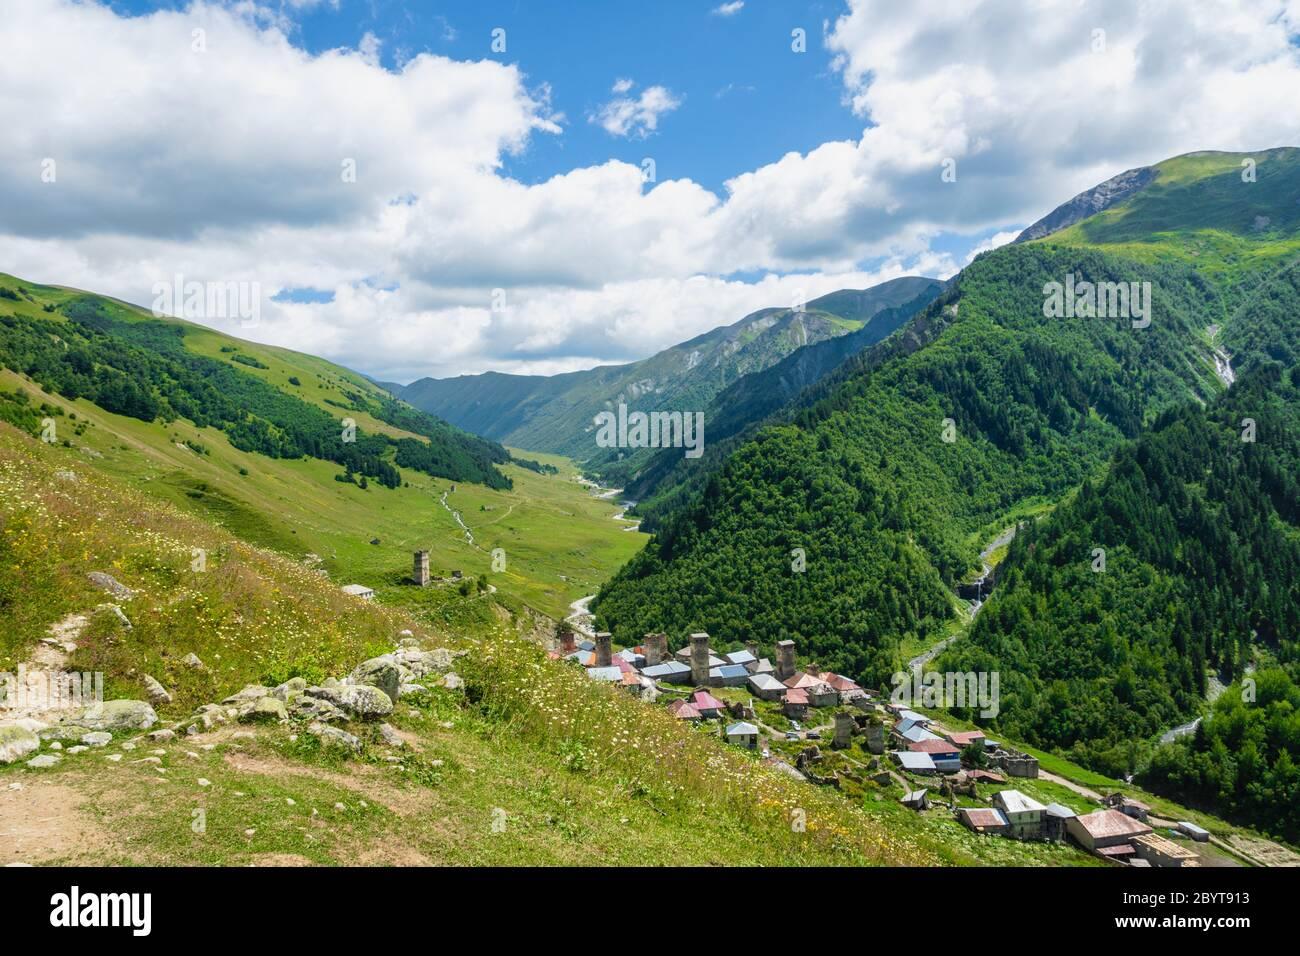 Svaneti montaña y paisaje de pueblo en la ruta de senderismo y senderismo cerca de la aldea Mestia en la región de Svaneti, zona patrimonio de la UNESCO en Georgia. Foto de stock